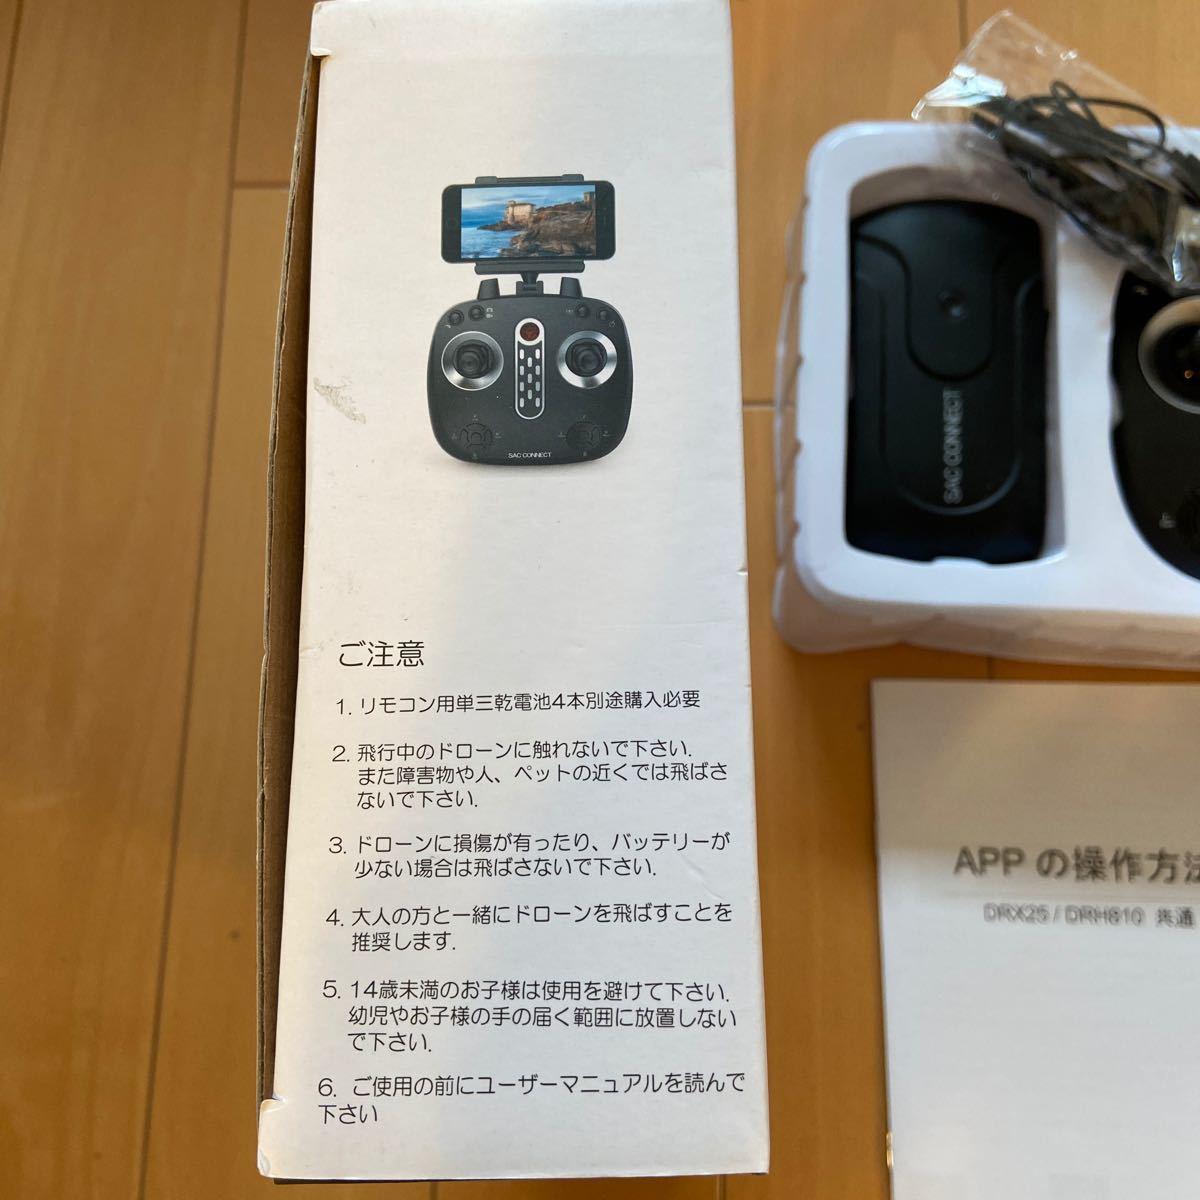 ドローンカメラ付き FOLDABLE DRONE  ドローン WiFi DRH810